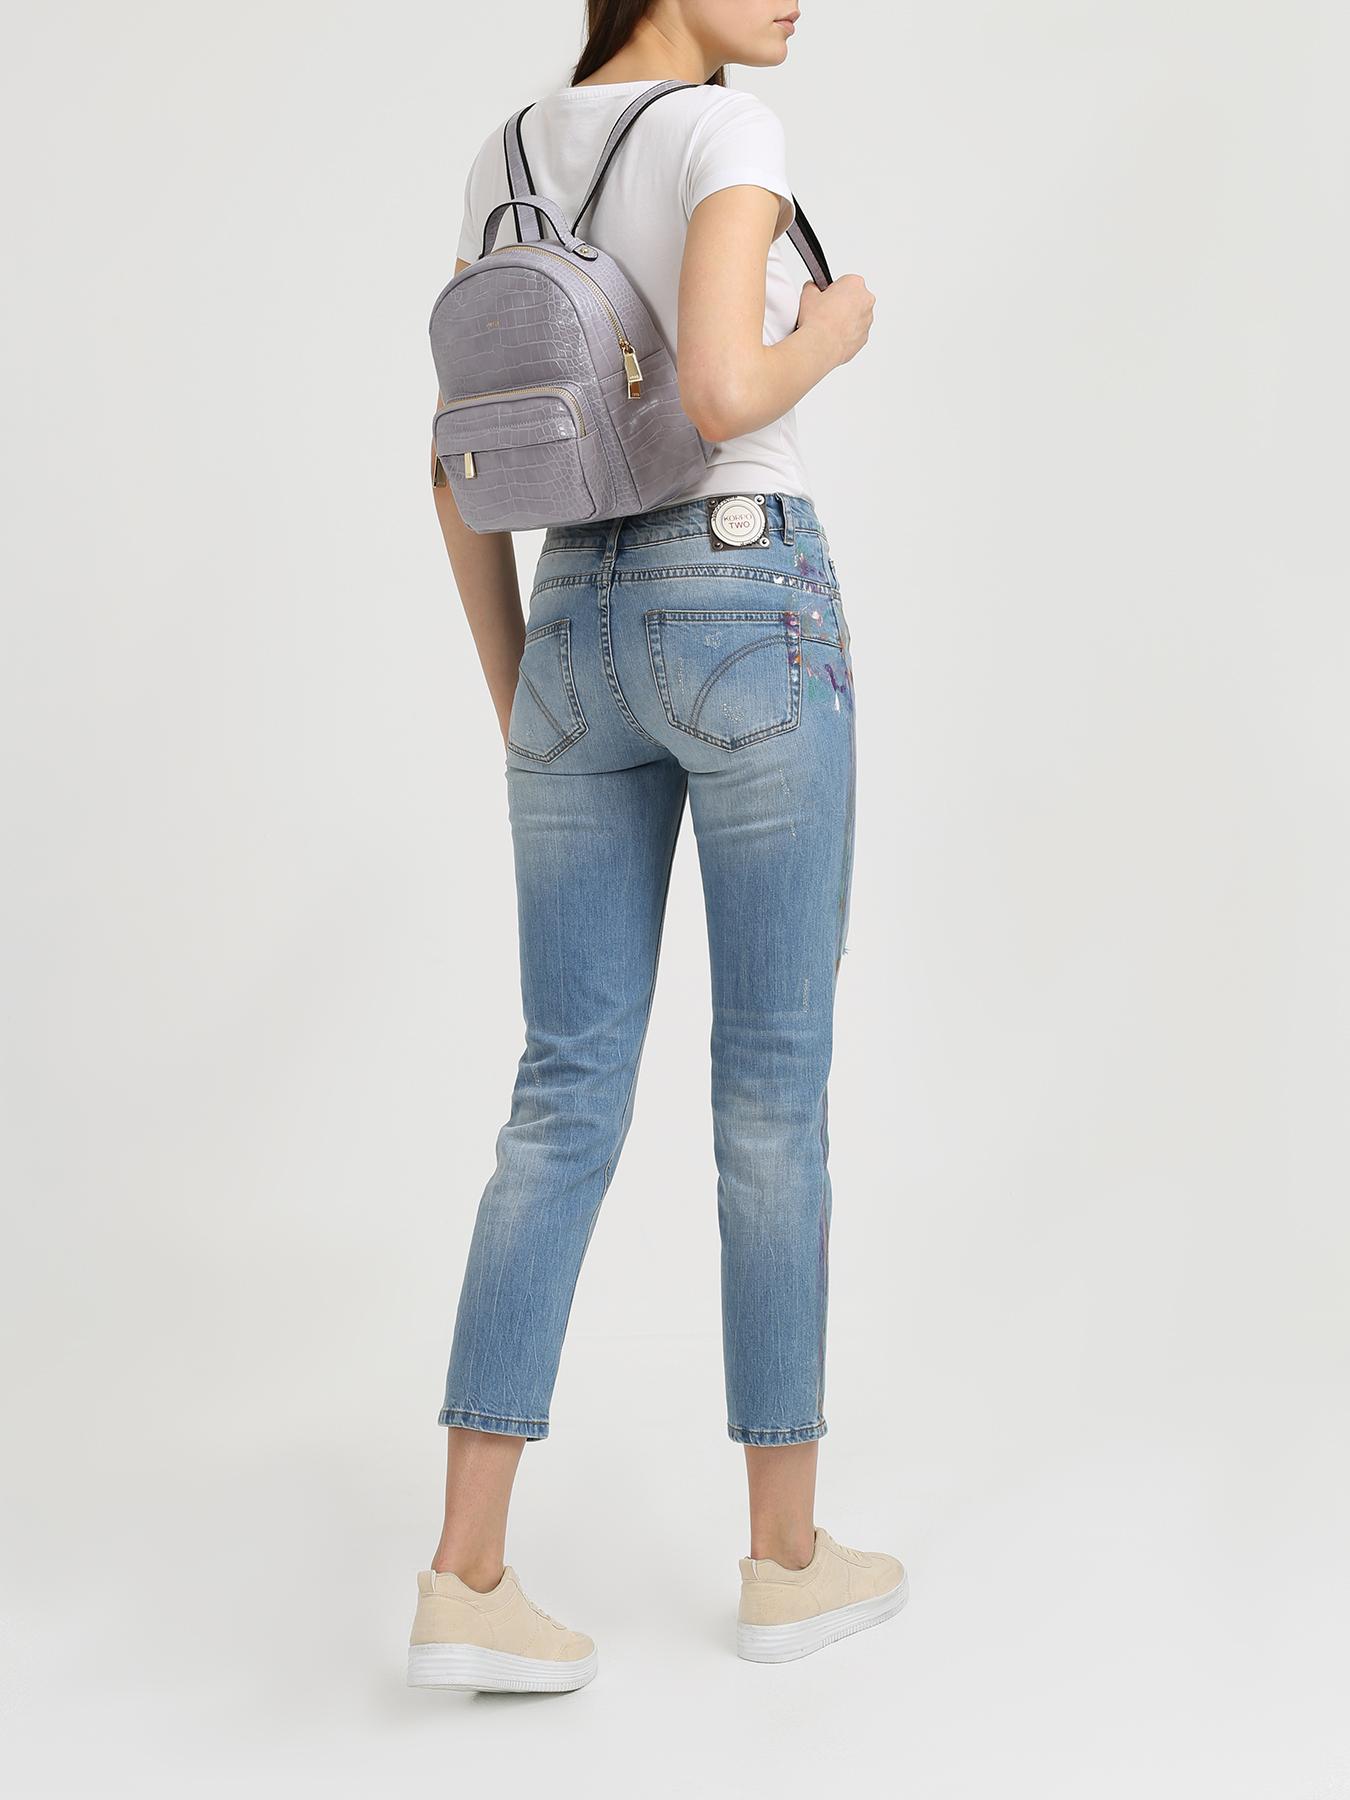 ORSA Женский рюкзак фото